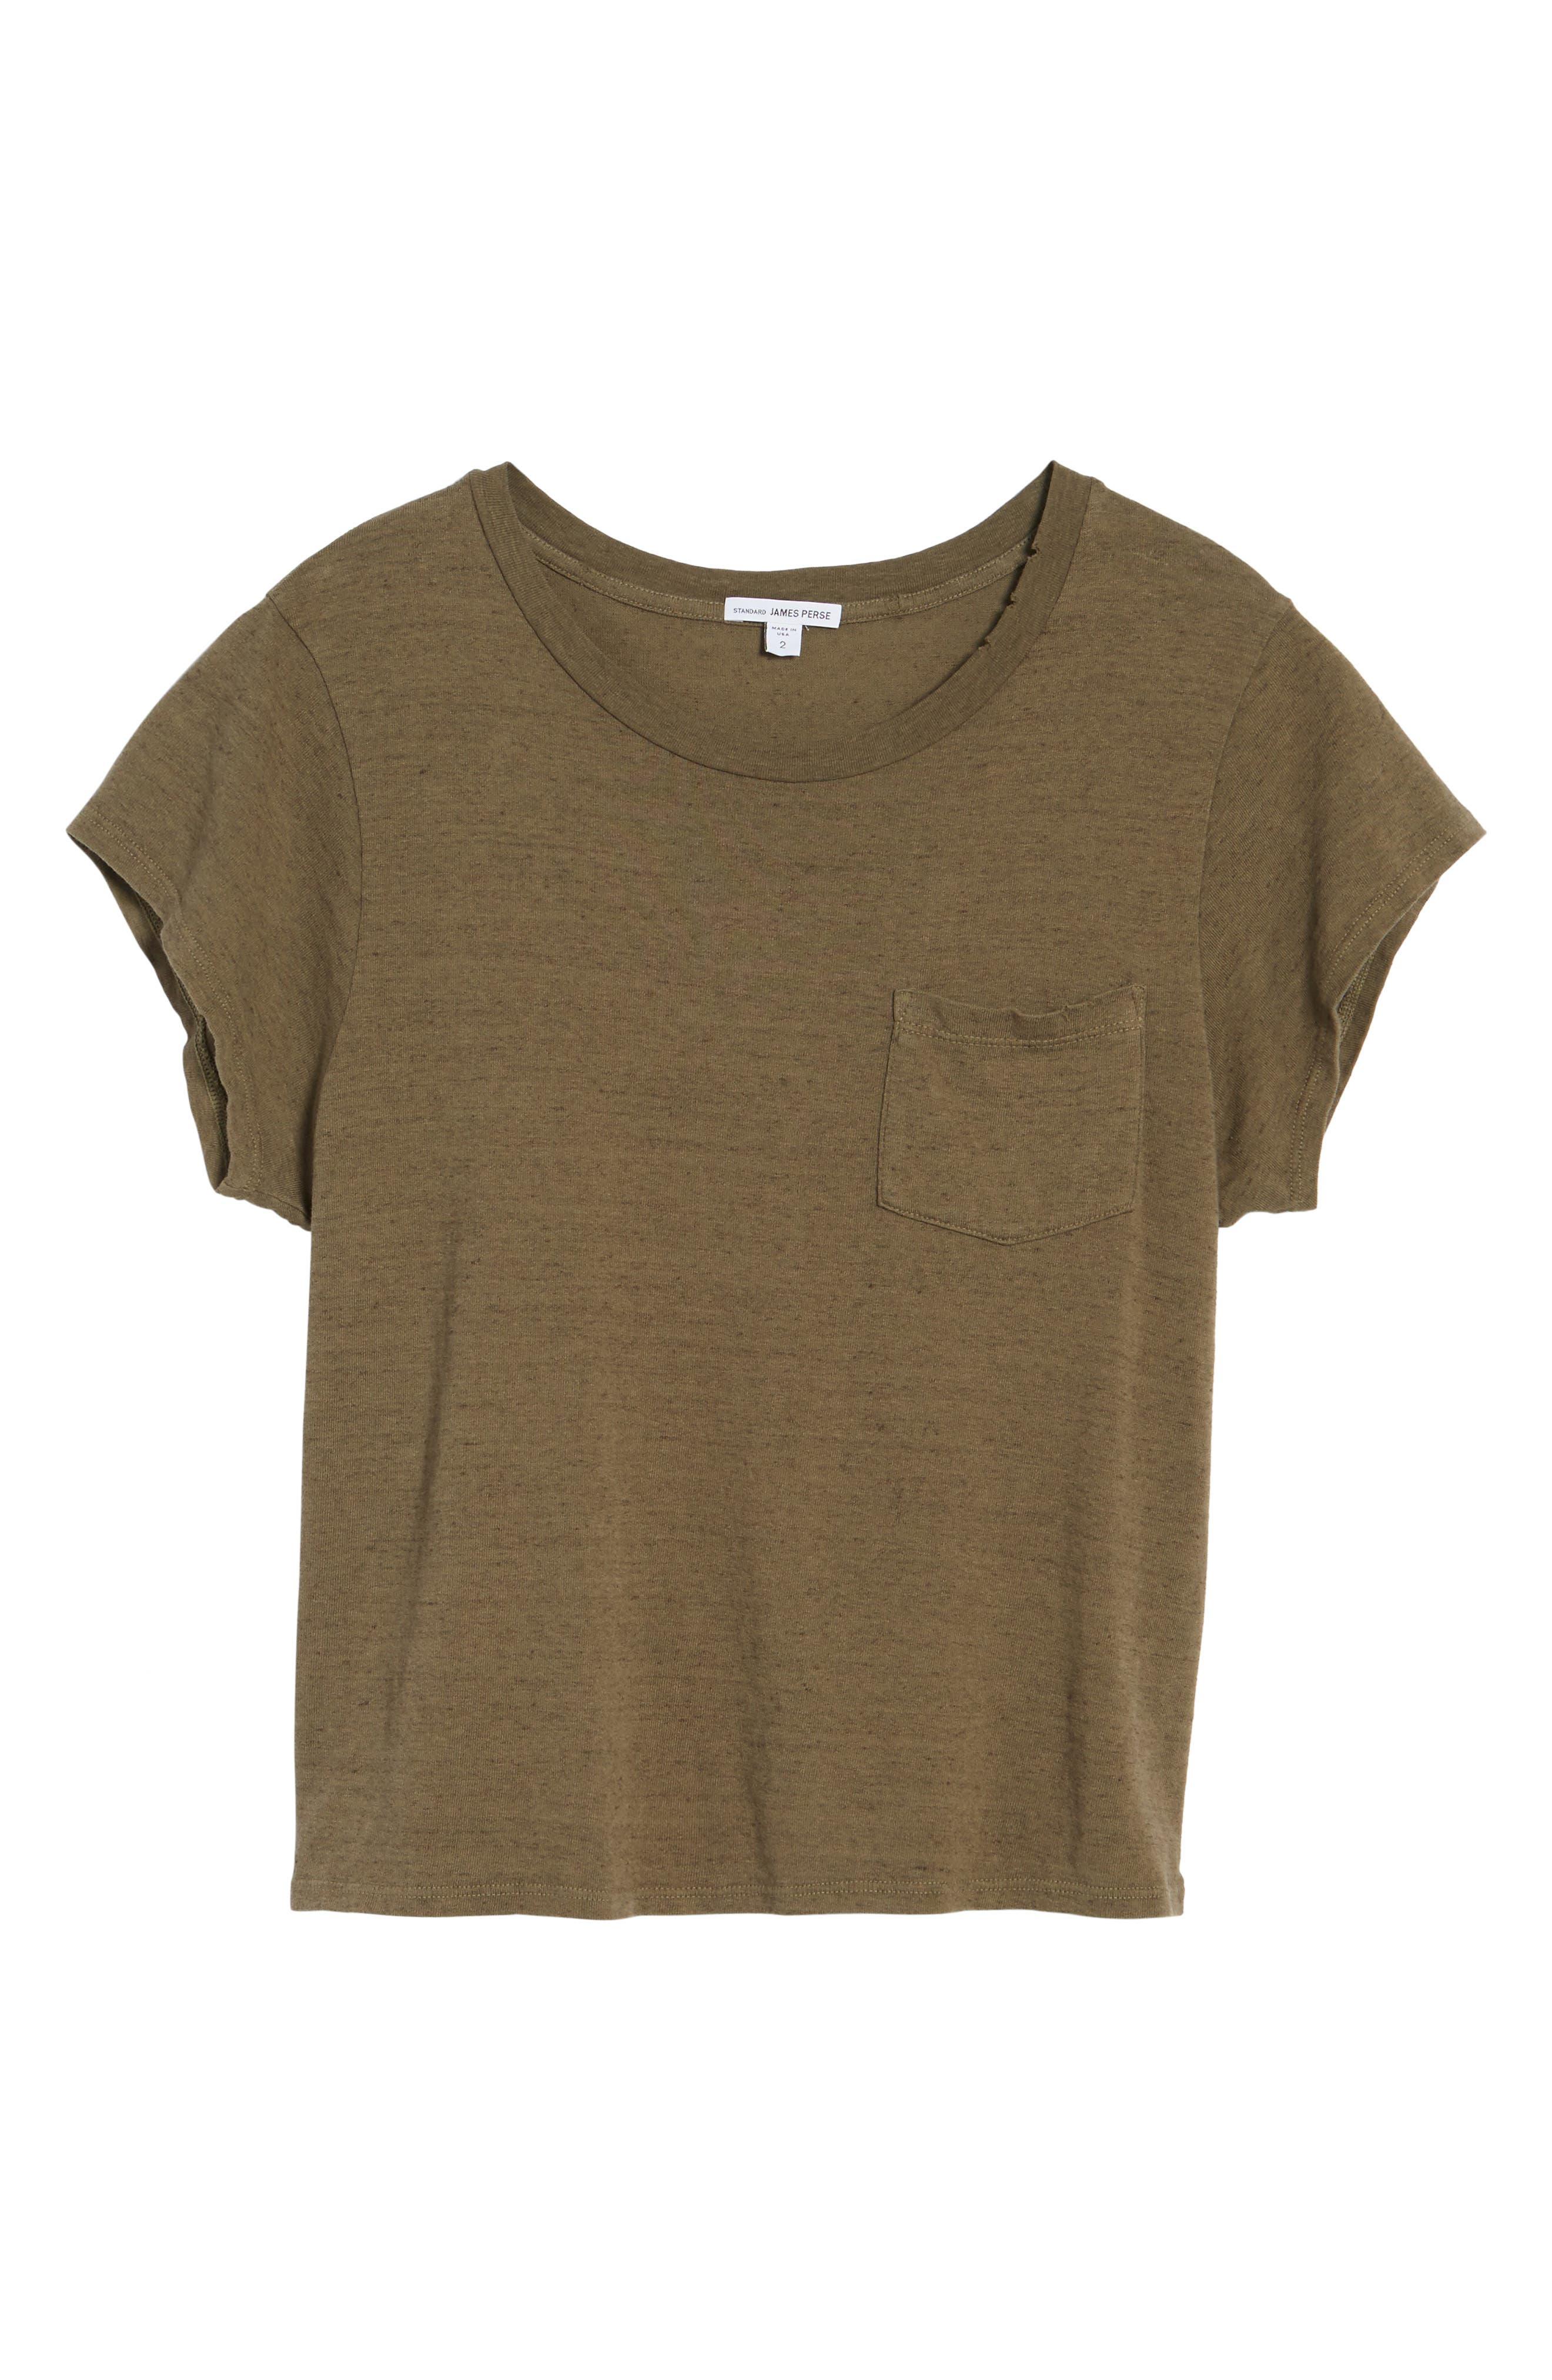 Vintage Sweatshirt Tee,                             Alternate thumbnail 6, color,                             305